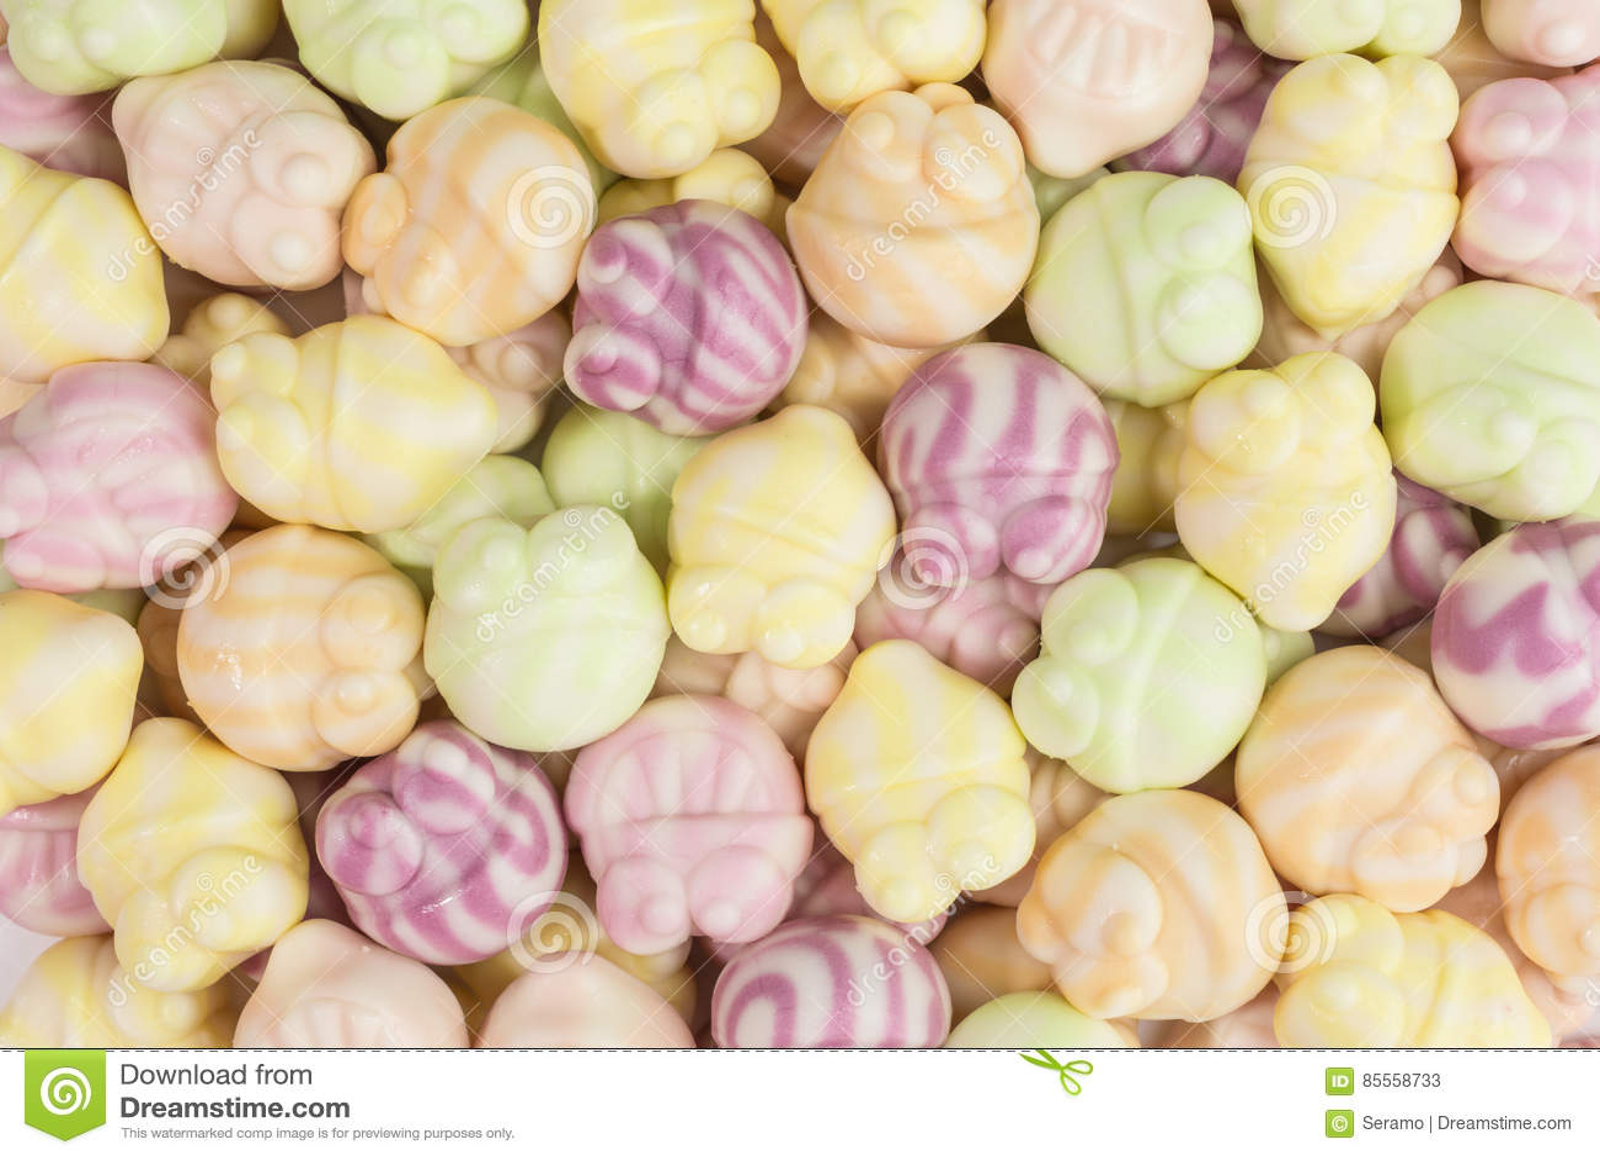 Gummiartiger Süßigkeitshintergrund des Joghurts